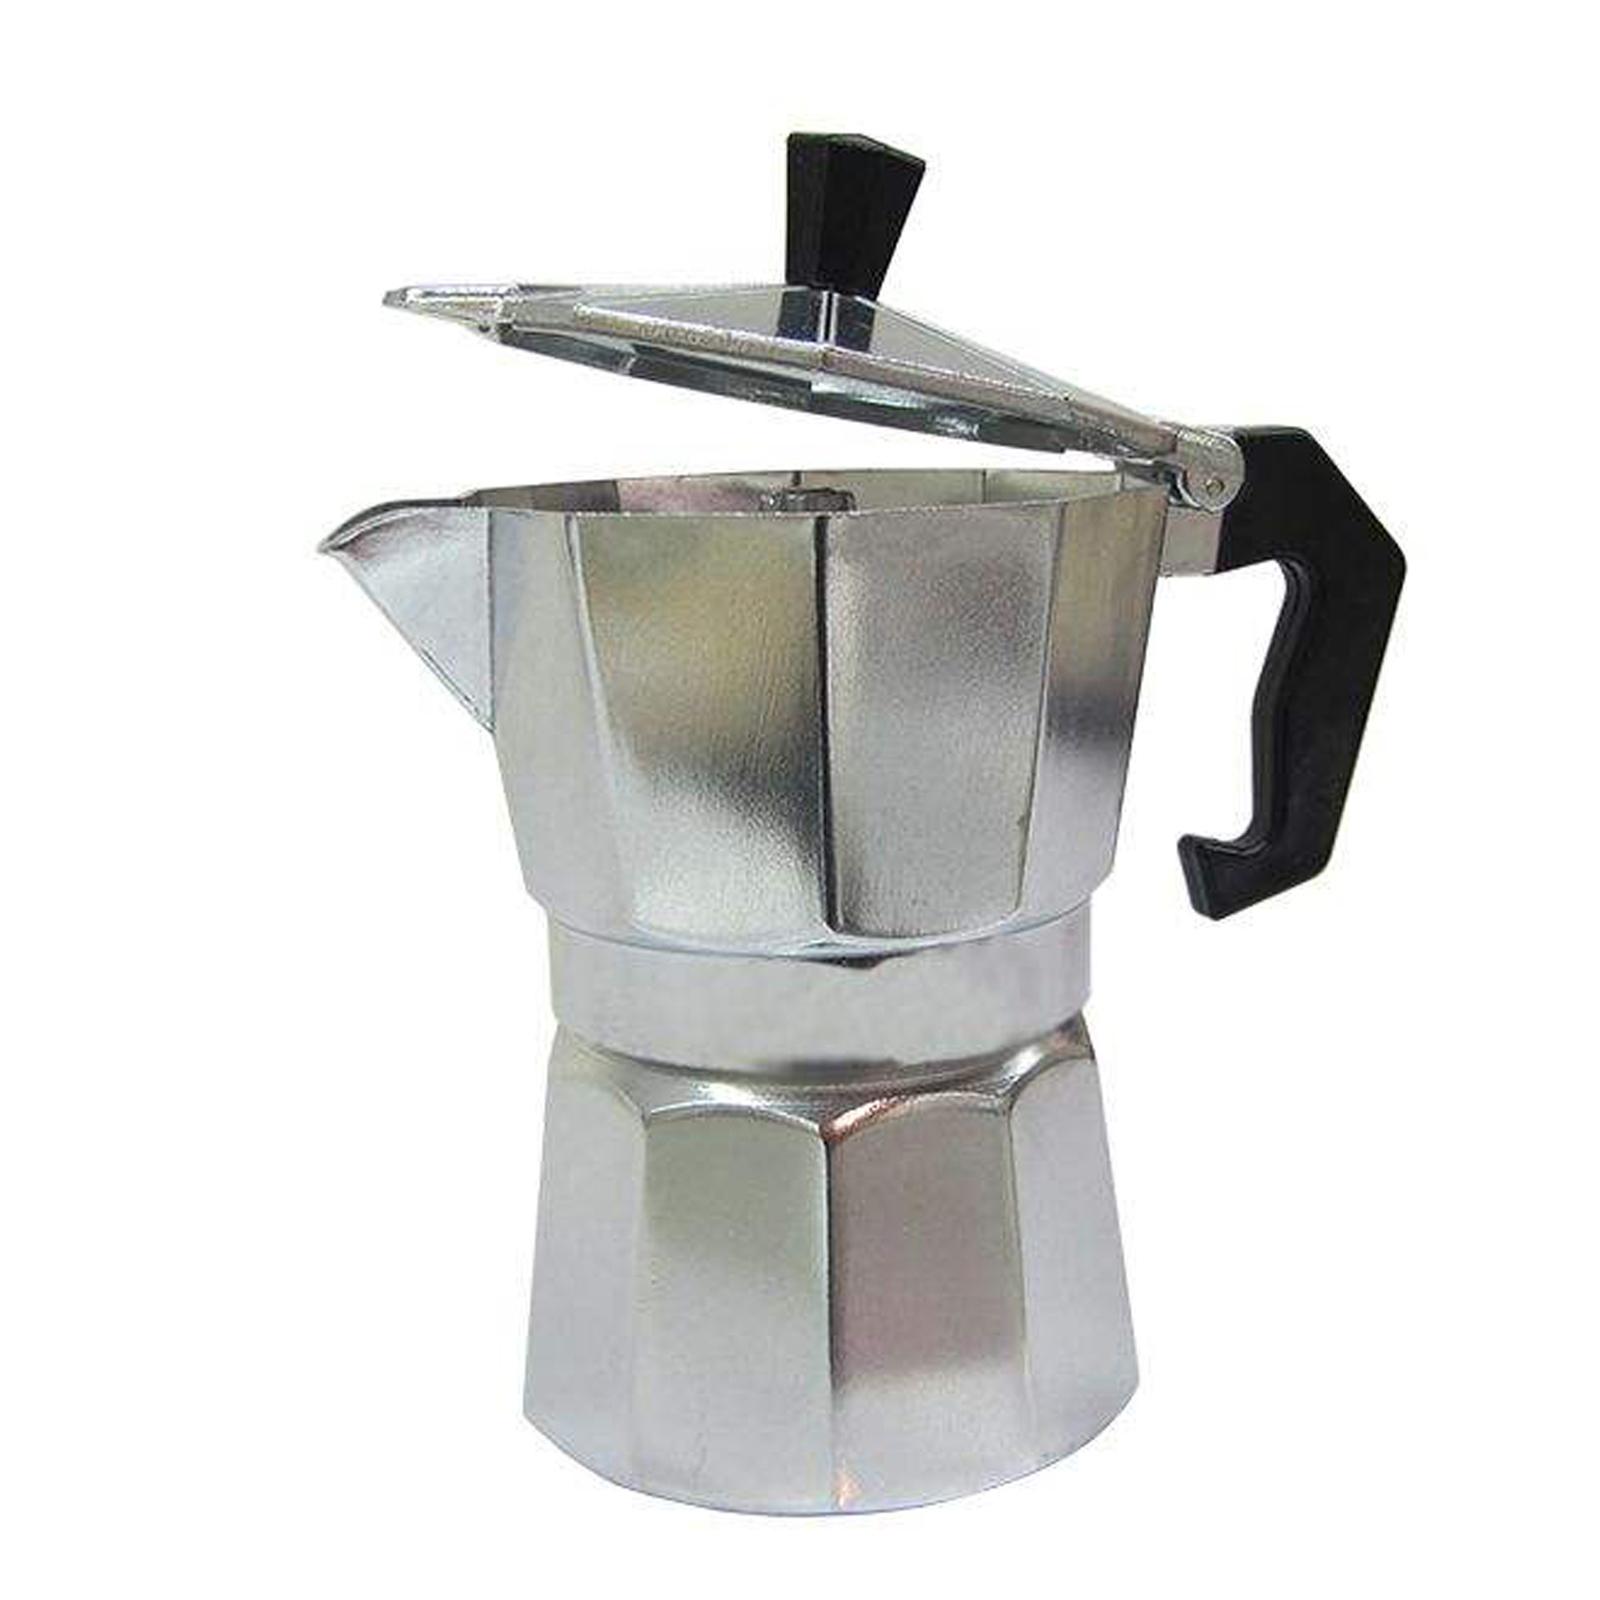 قهوه جوش مدل co1c